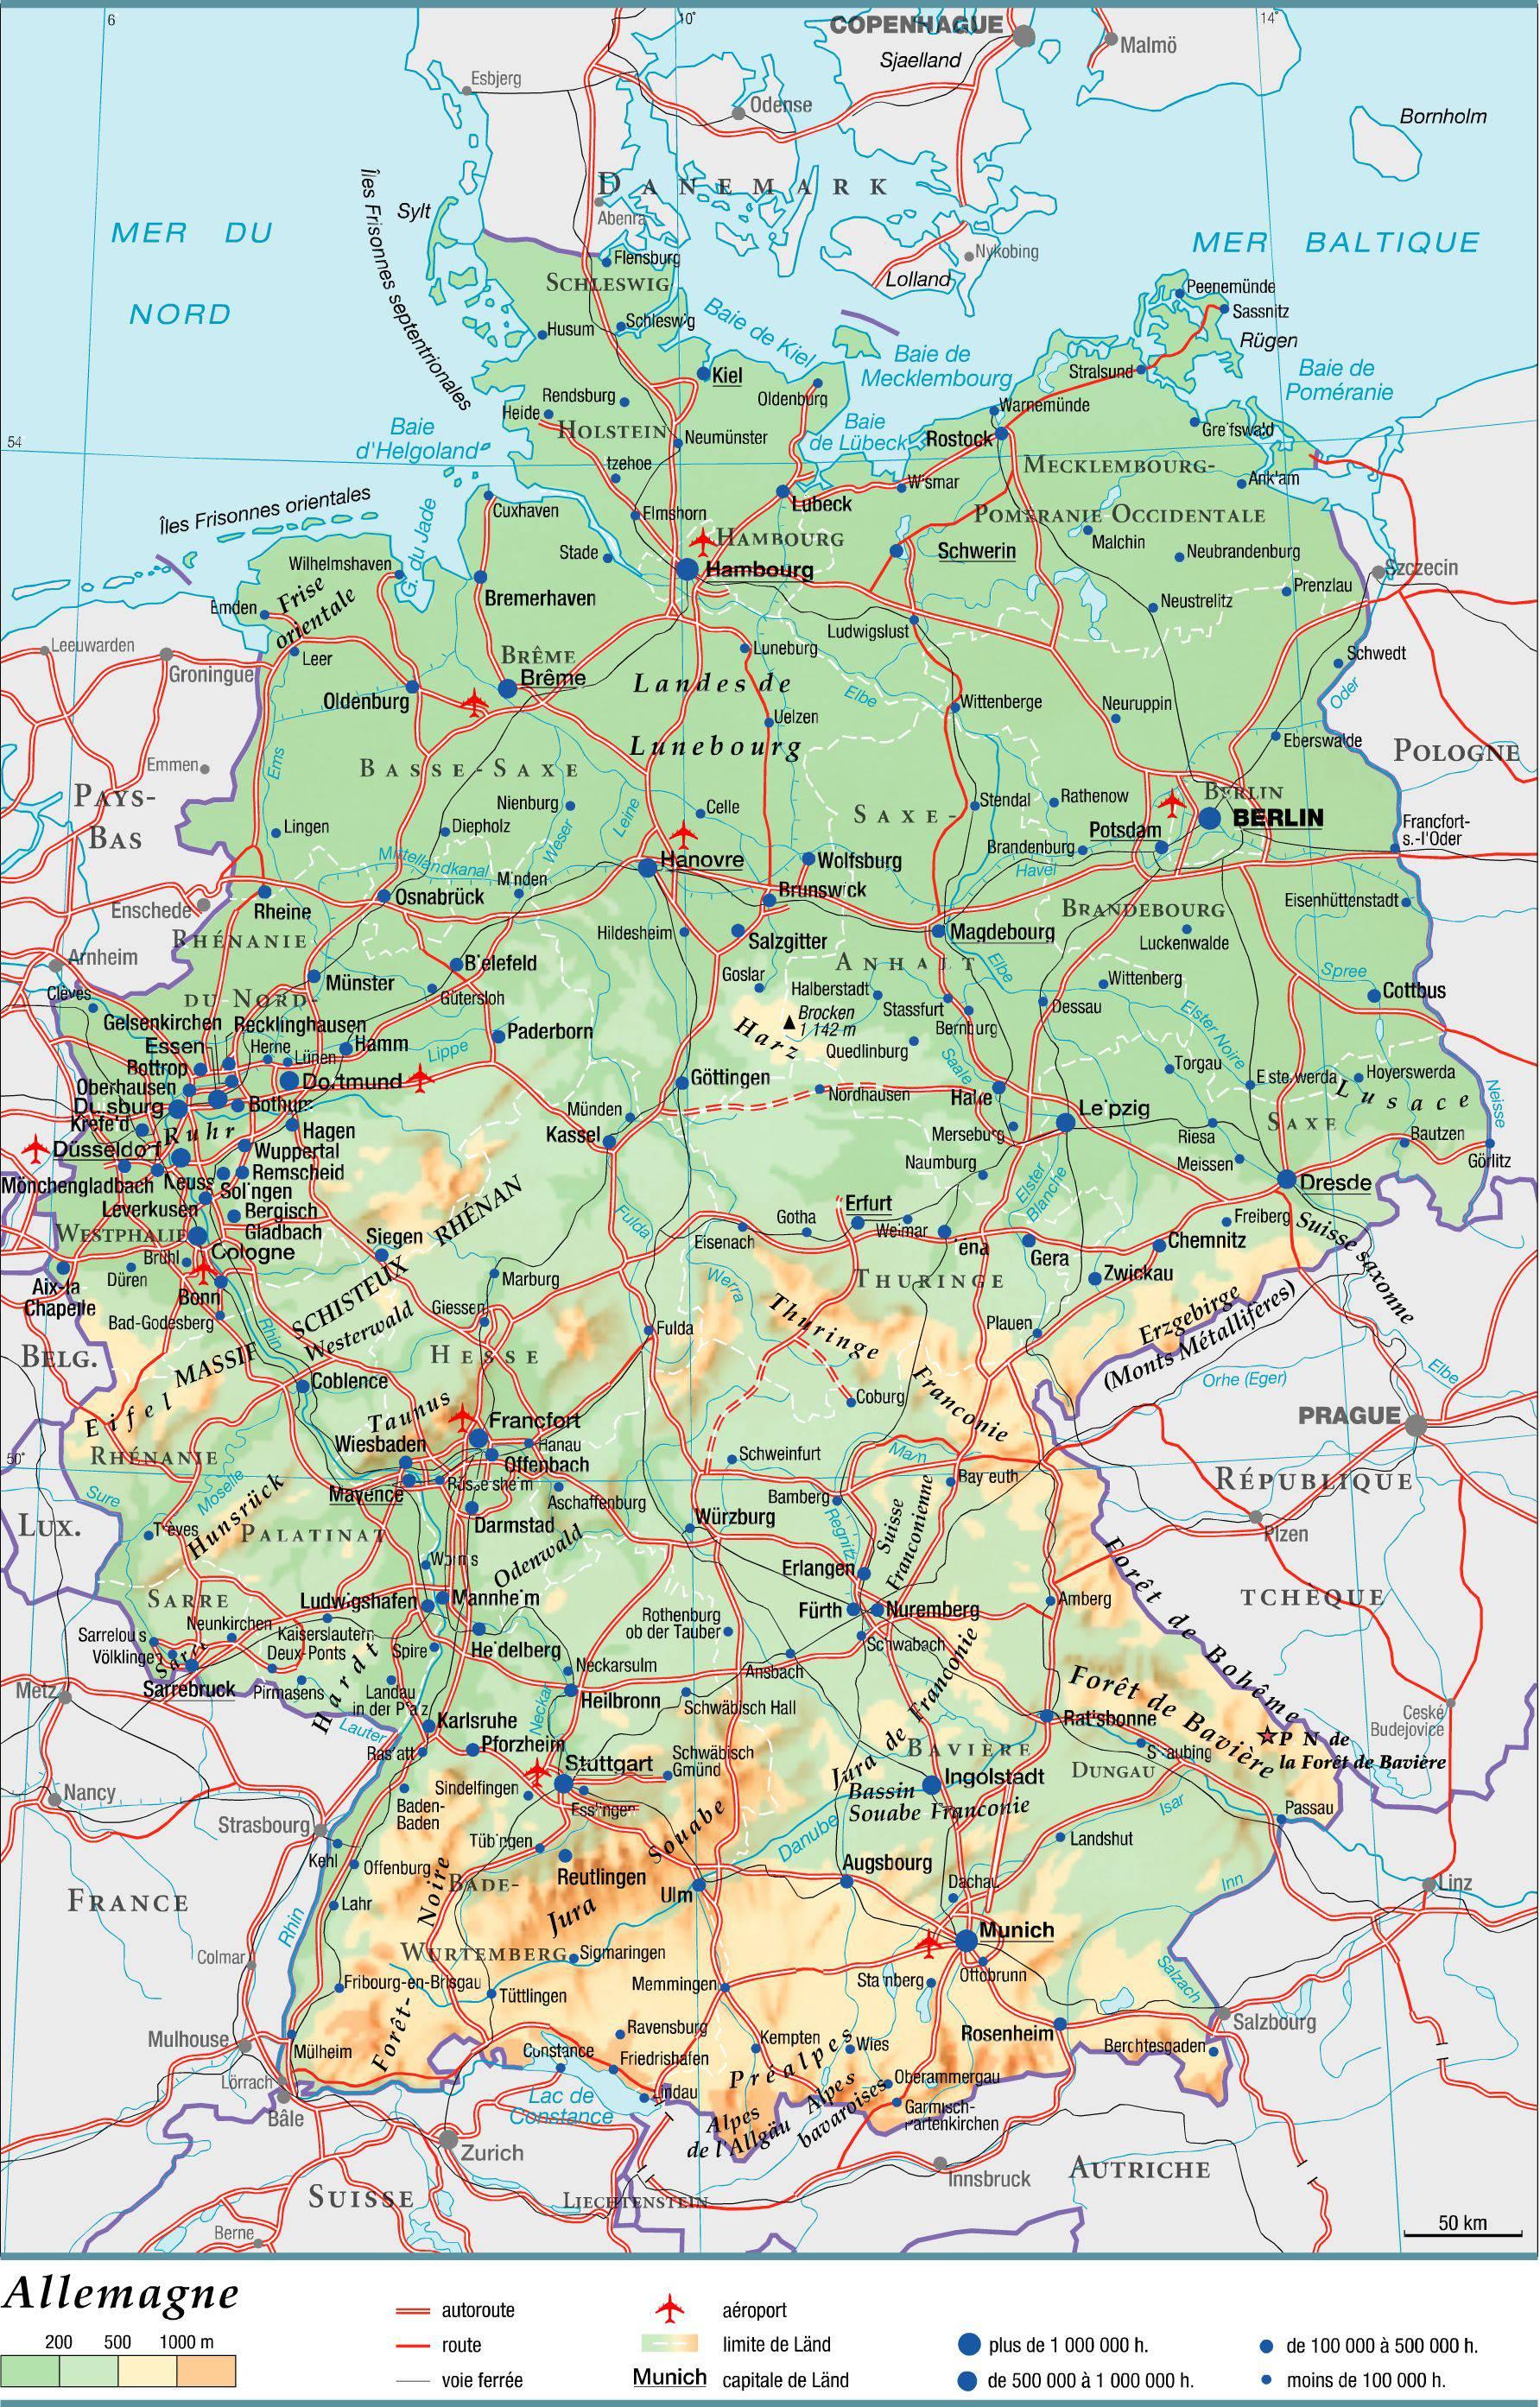 Carte routière de l'Allemagne